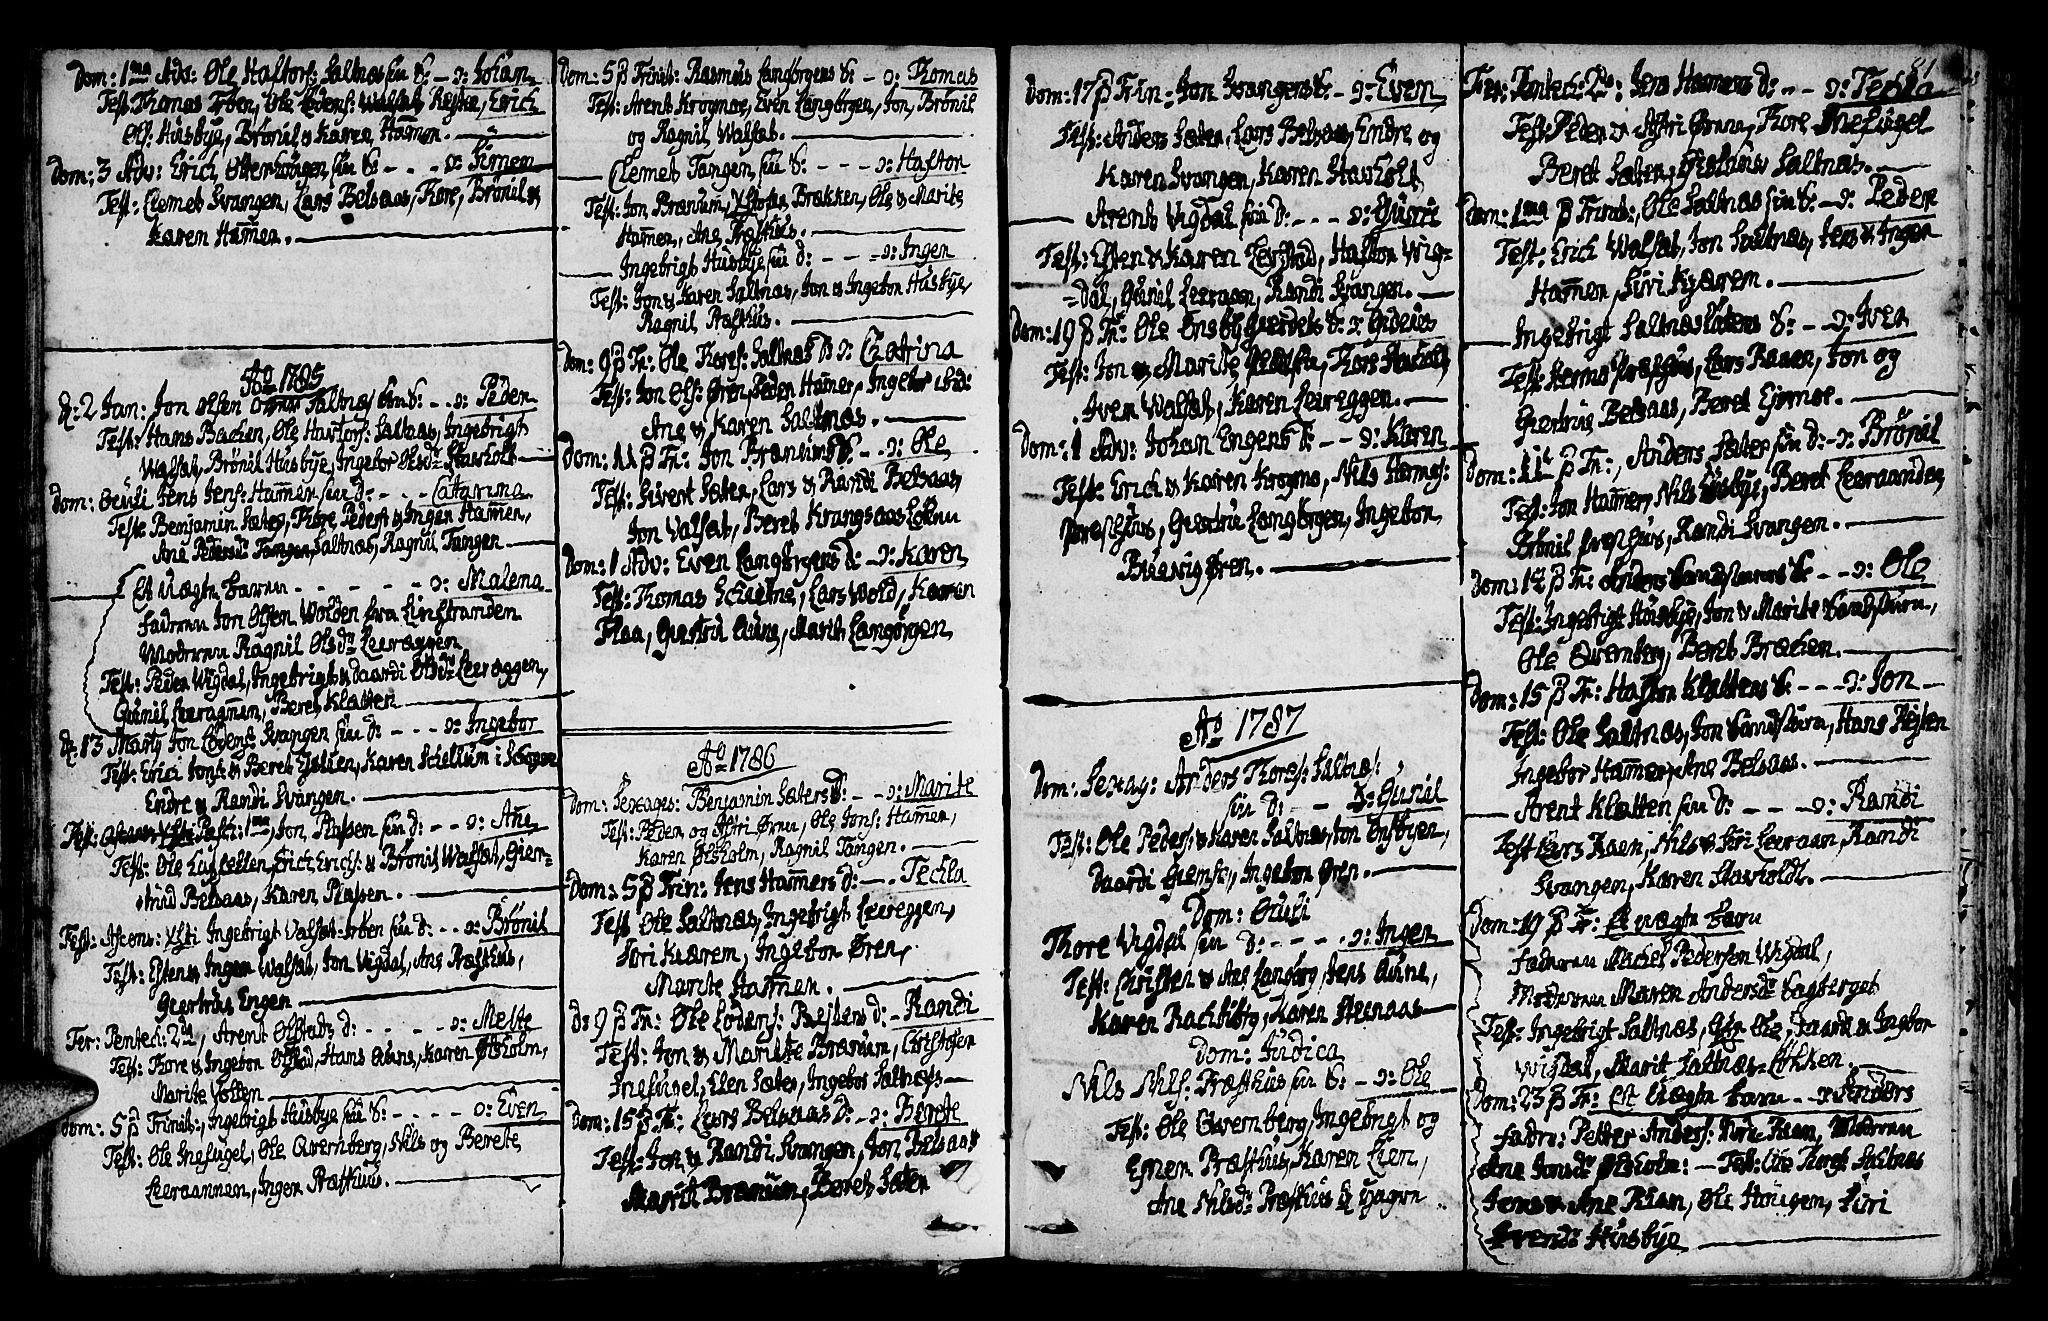 SAT, Ministerialprotokoller, klokkerbøker og fødselsregistre - Sør-Trøndelag, 666/L0784: Ministerialbok nr. 666A02, 1754-1802, s. 81